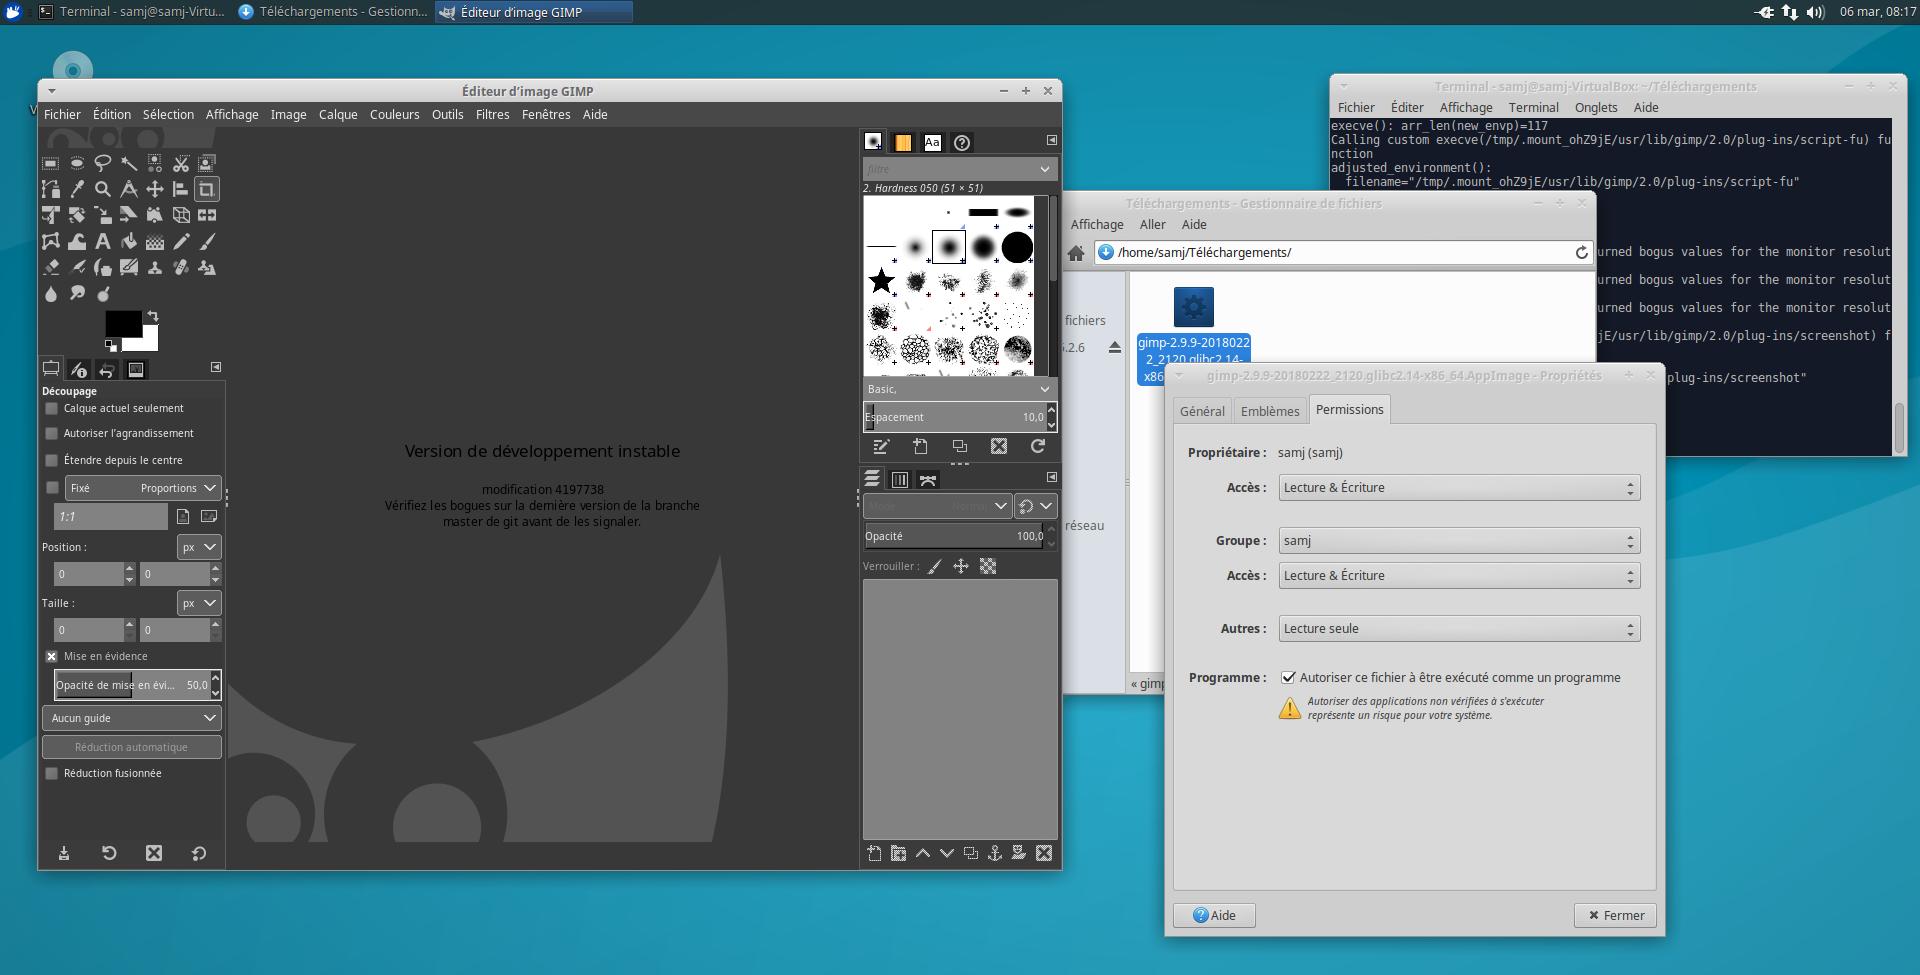 Stuck building Gimp from source - GIMP - discuss pixls us